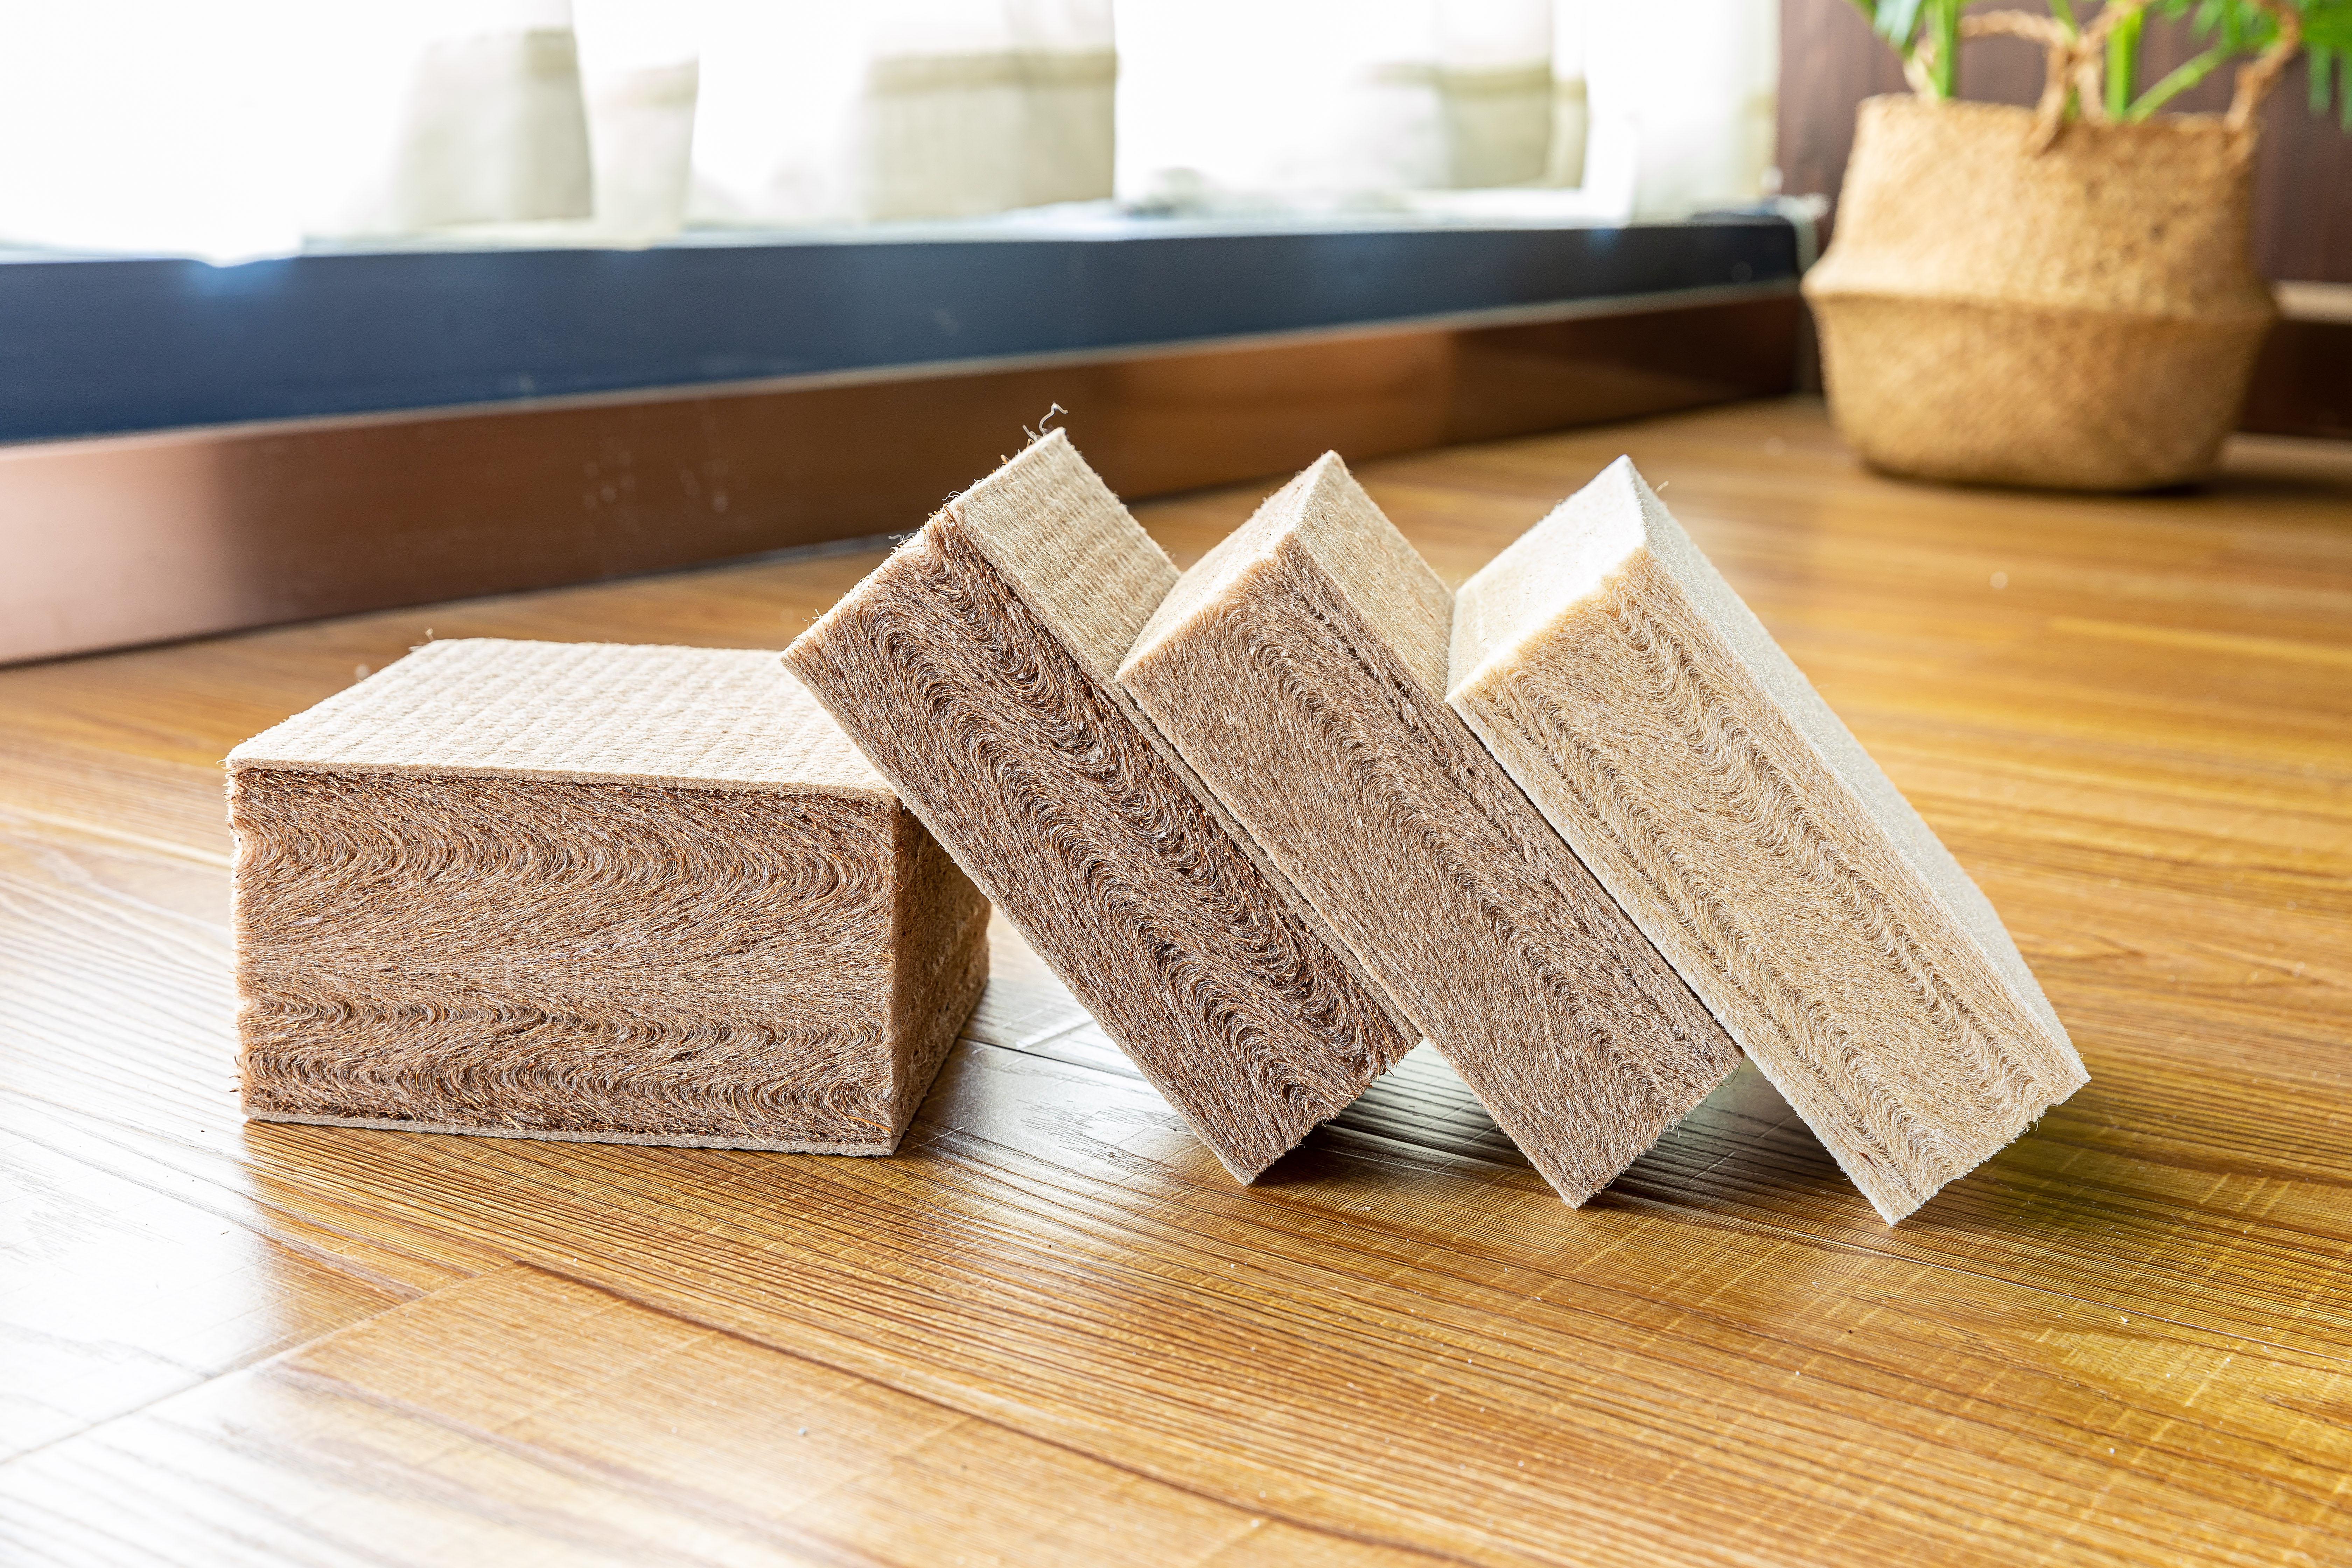 别被忽悠 精细黄麻和精梳黄麻床垫可大有区别